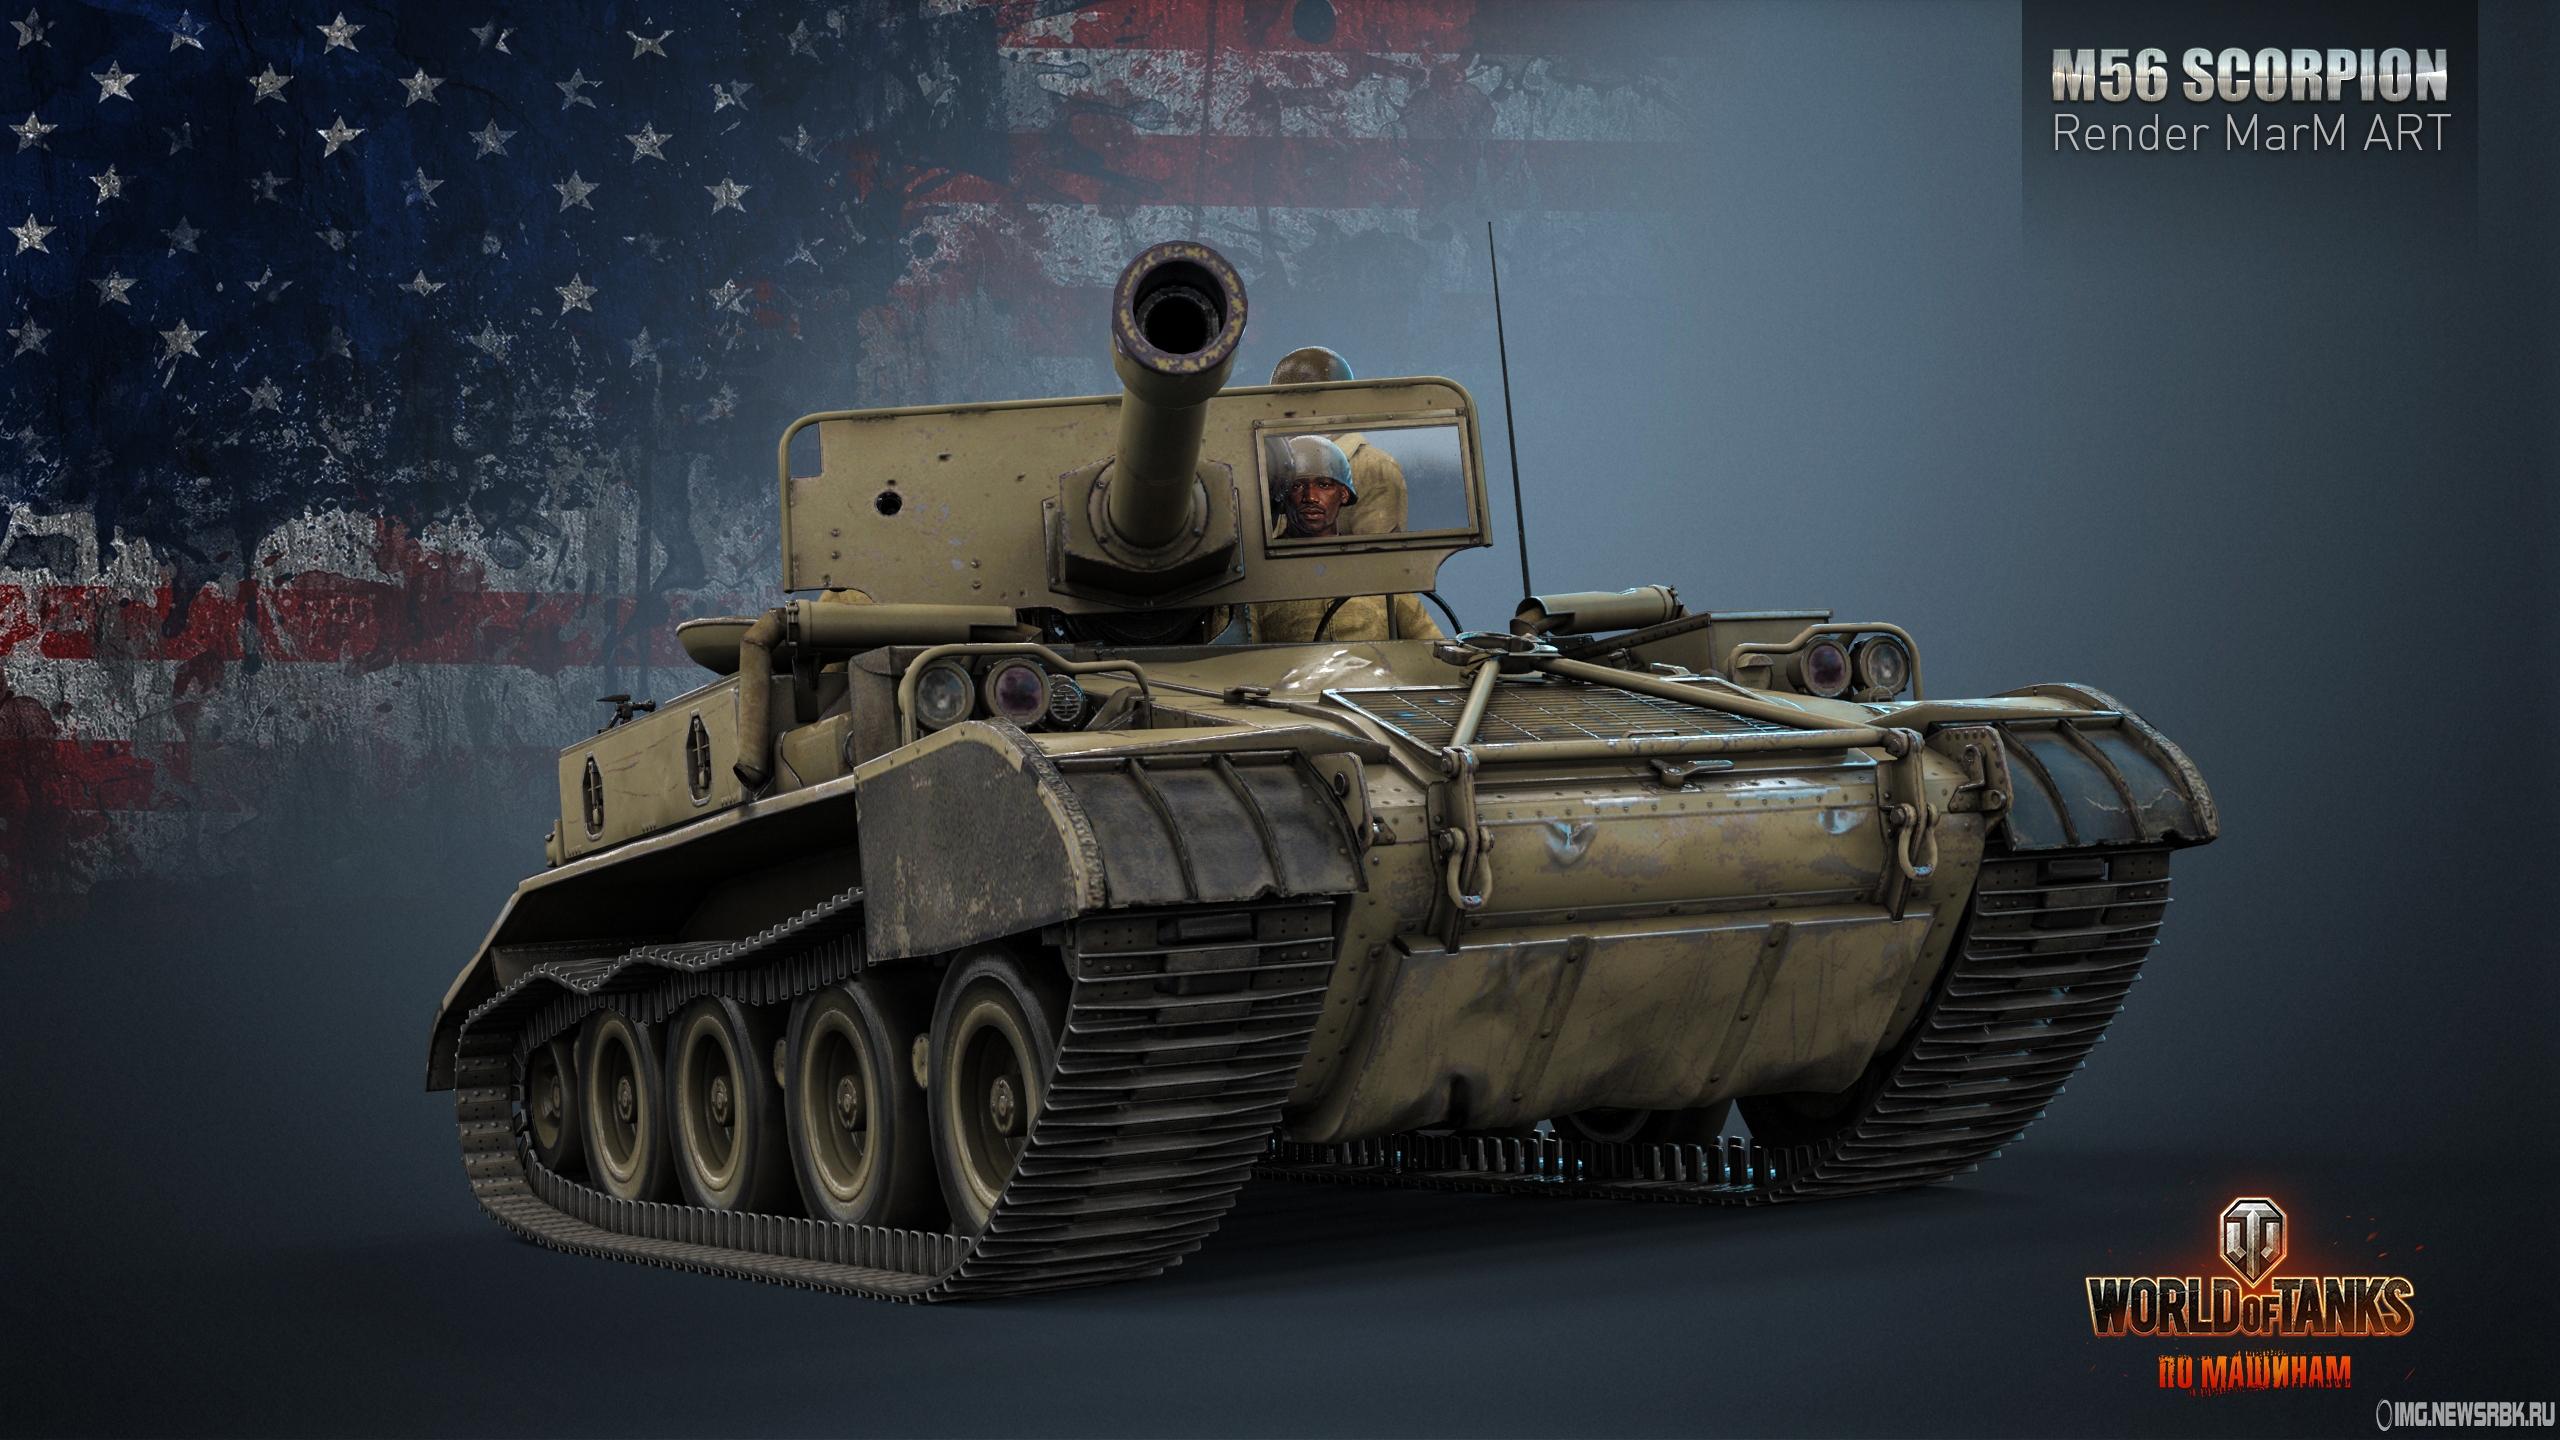 tanks wallpaper 2560x1440